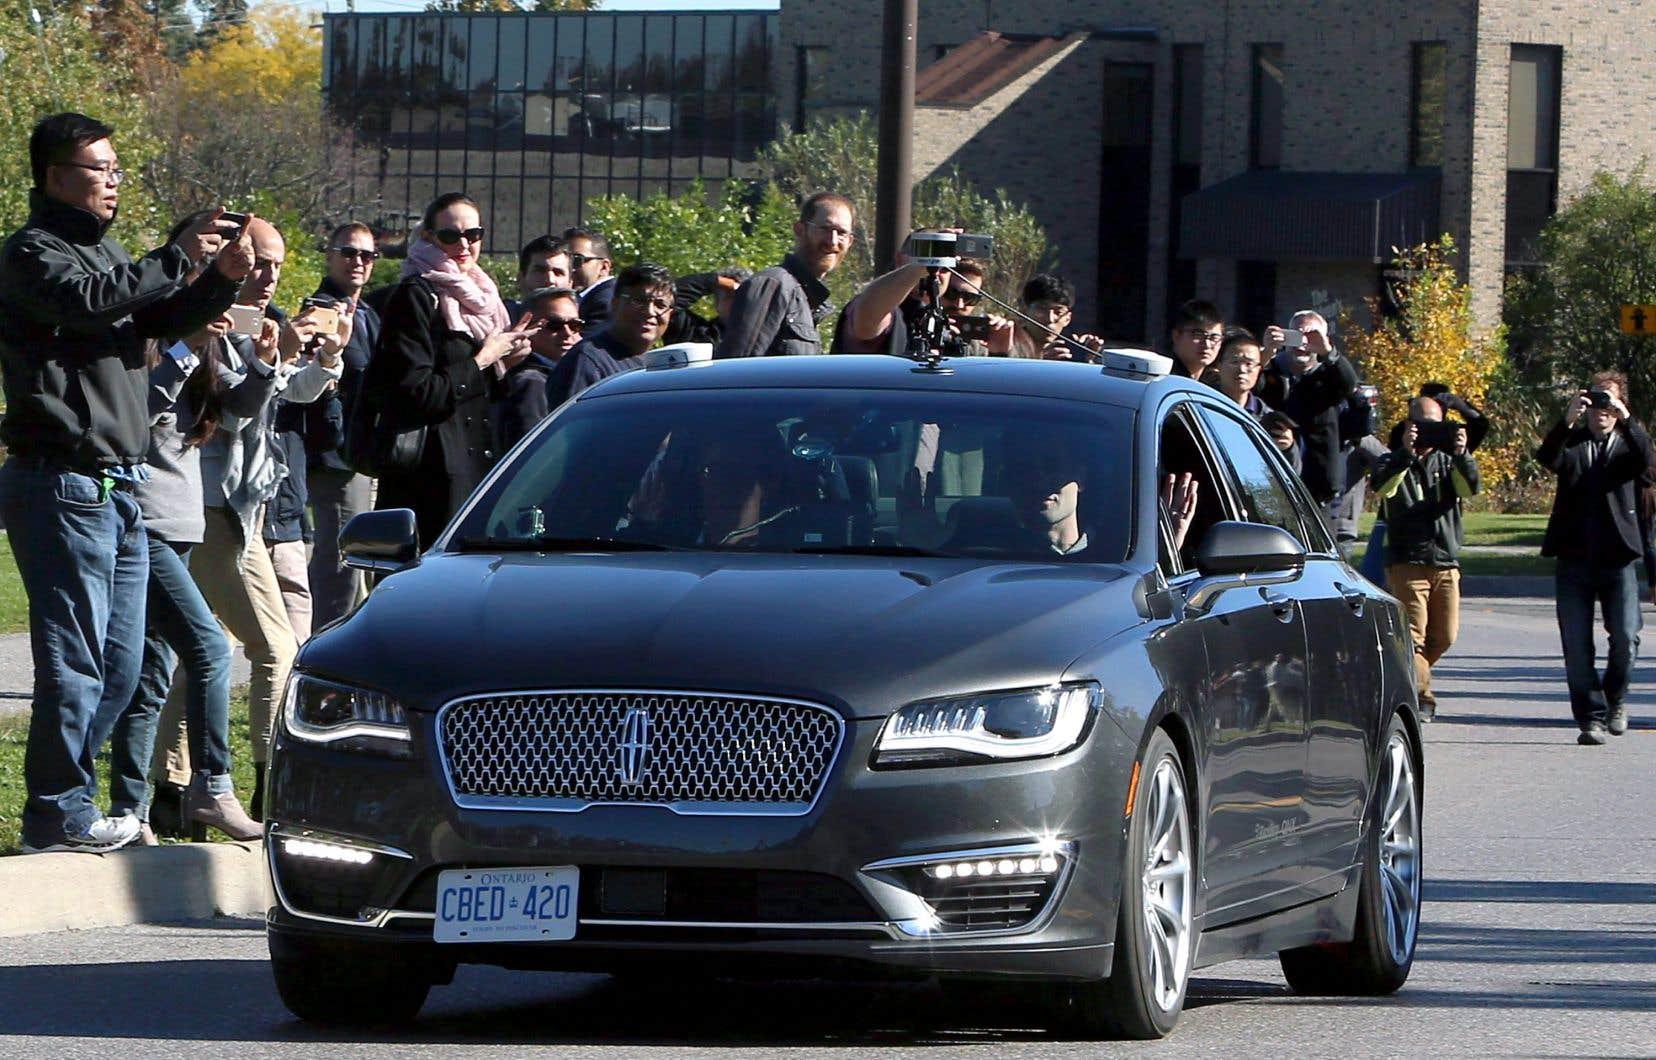 Une démonstration de la voiture autonome Blackberry QNX, à Ottawa. L'Ontario a lancé en janvier 2016 un projet-pilote de dix ans permettant de tester des véhicules autonomes sur les routes de la province à certaines conditions.